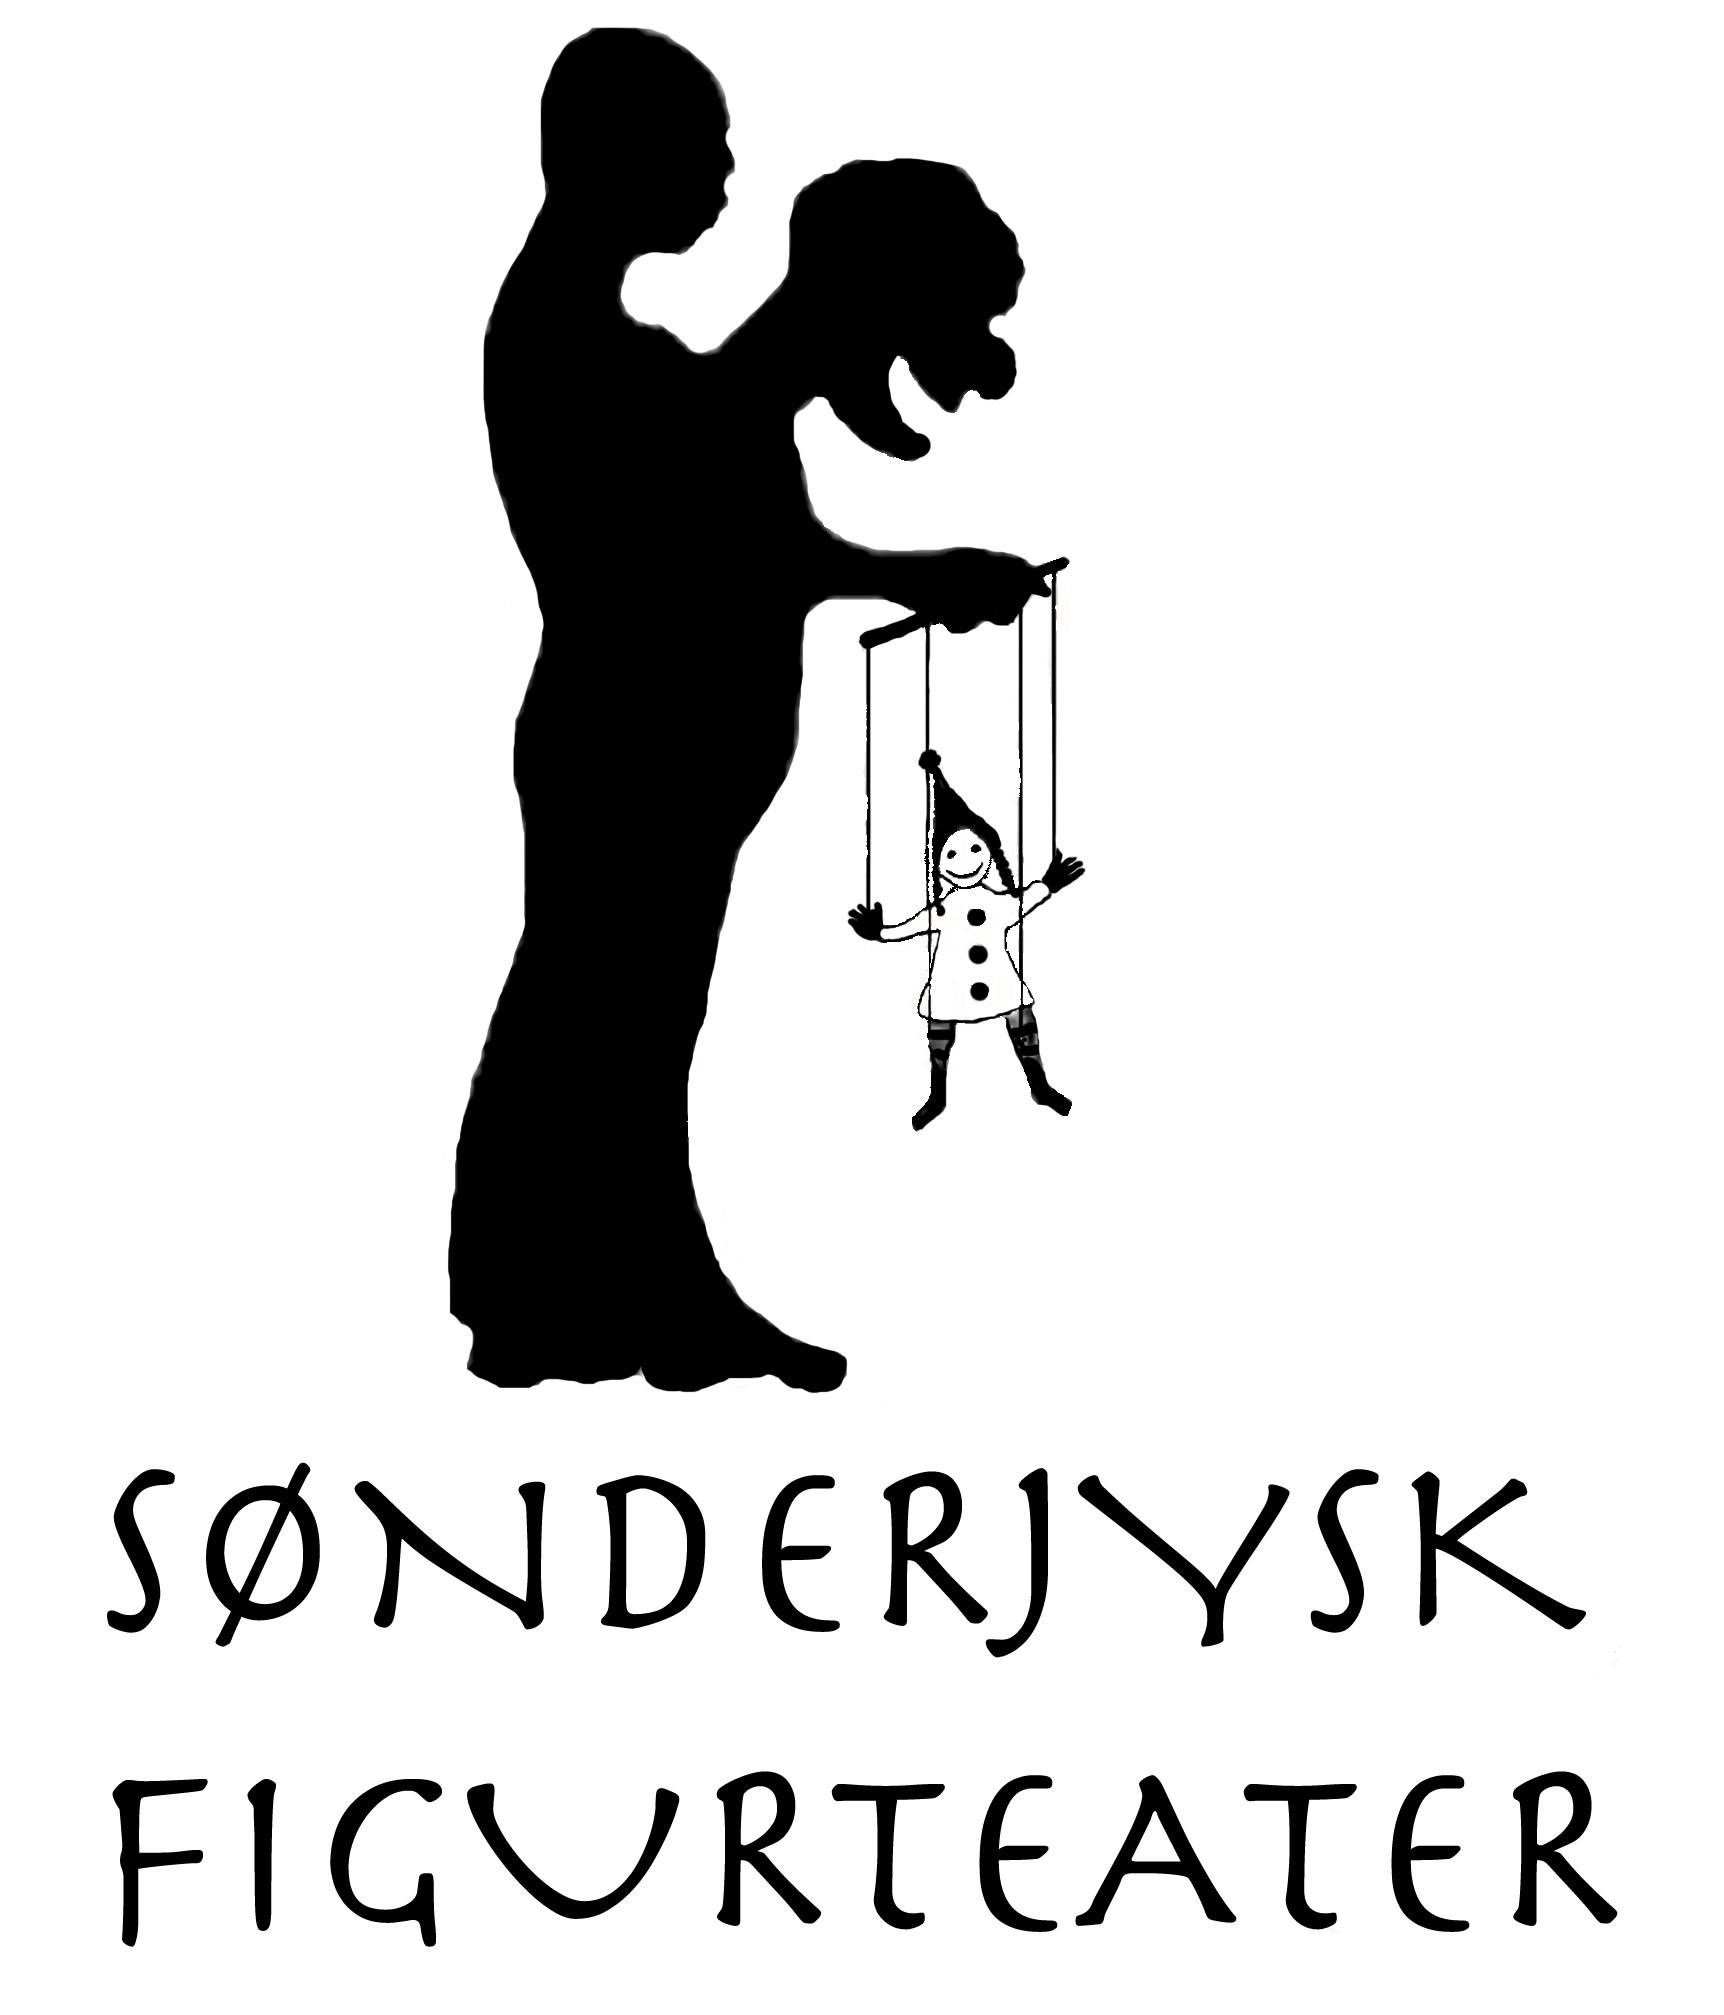 Sønderjysk Figurteater